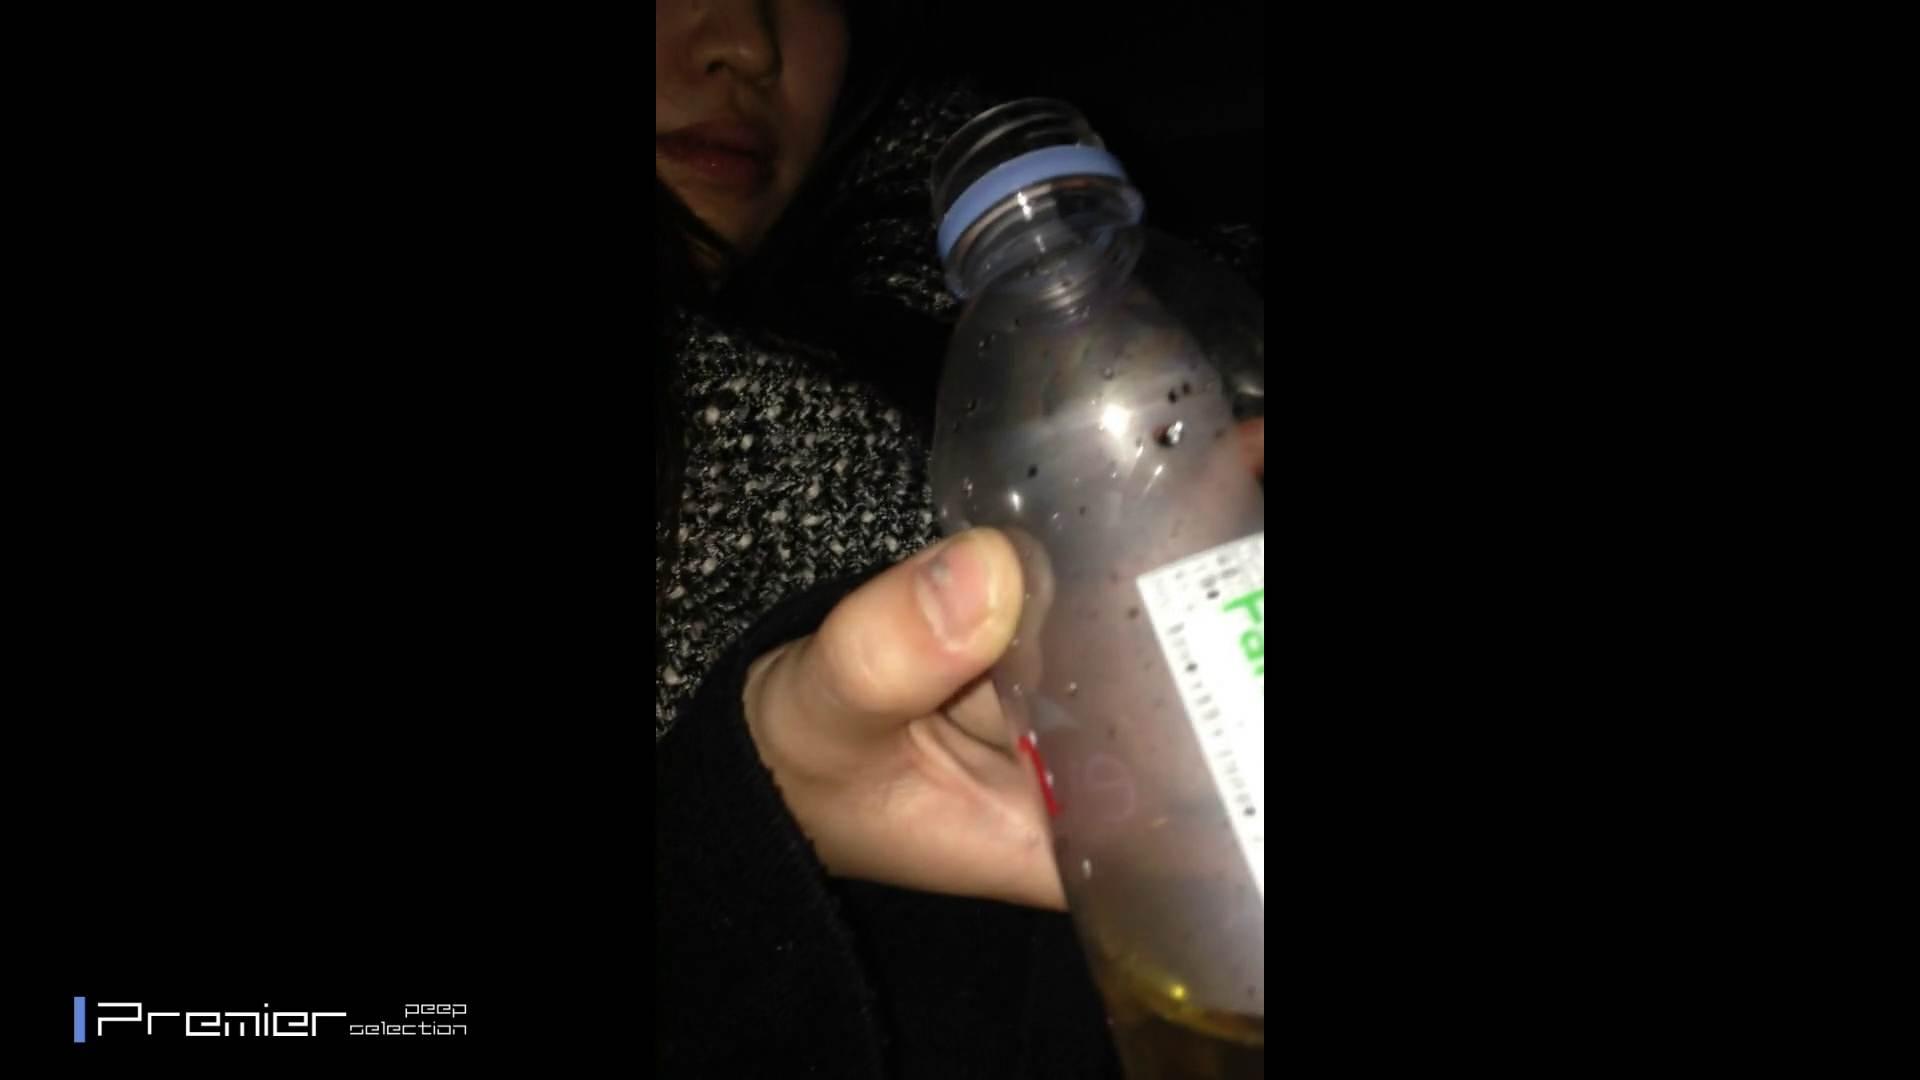 【ガチ交渉】19 歳美女 アリサの車内で生脱ぎ 美女達の私生活に潜入! 車 | エッチすぎる美女  102連発 70